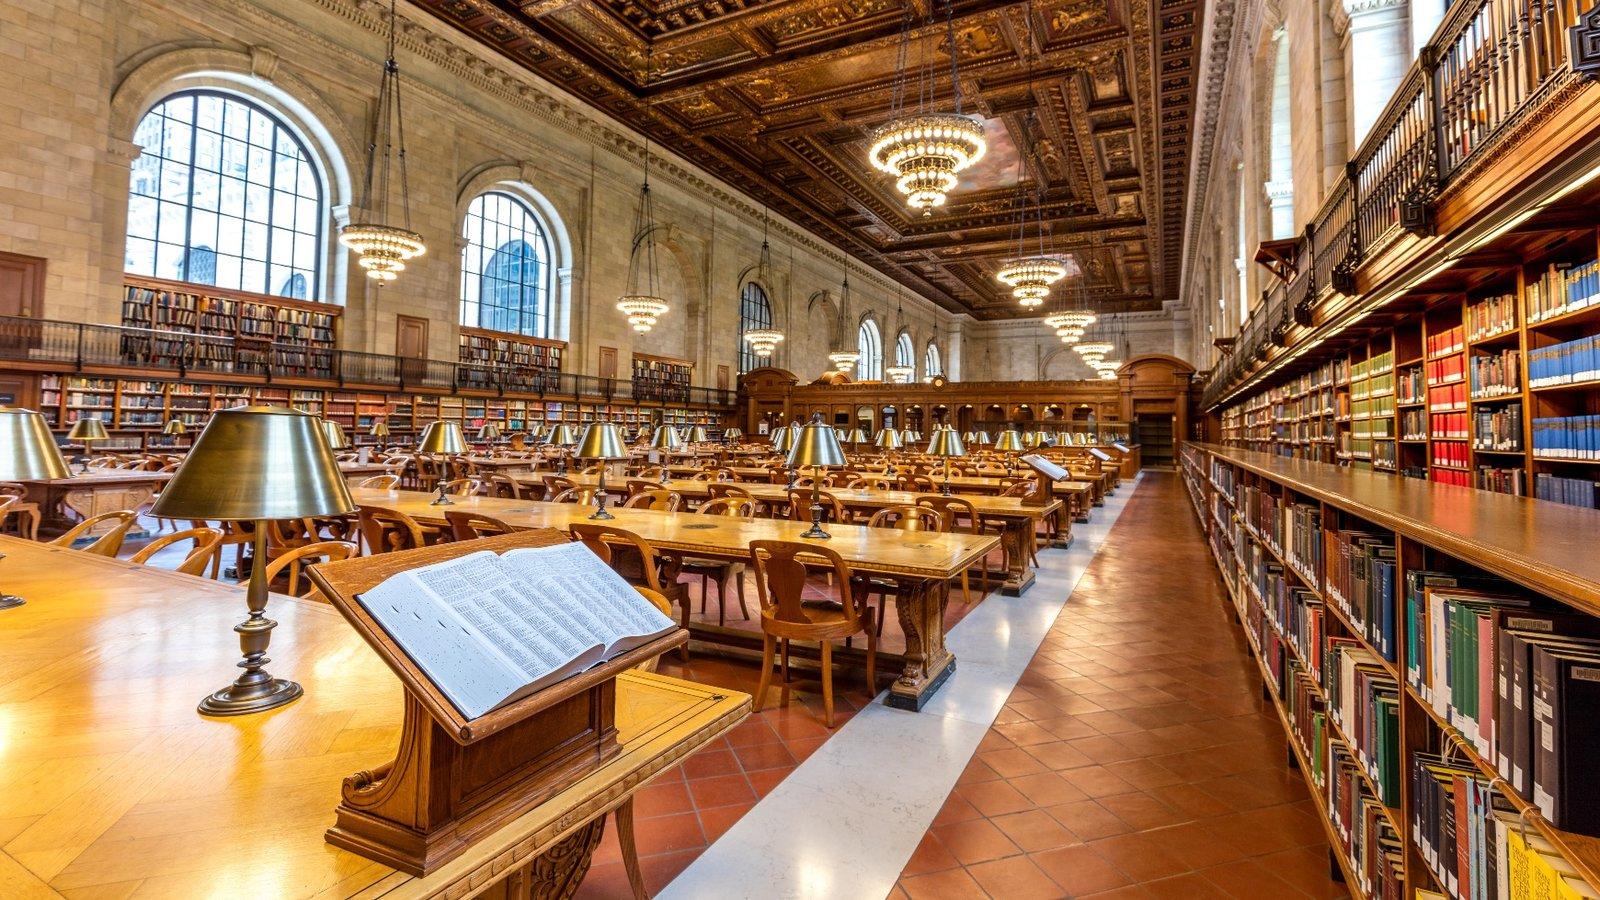 Biblioteca Pública de Nueva York mostrando vistas interiores y elementos del patrimonio